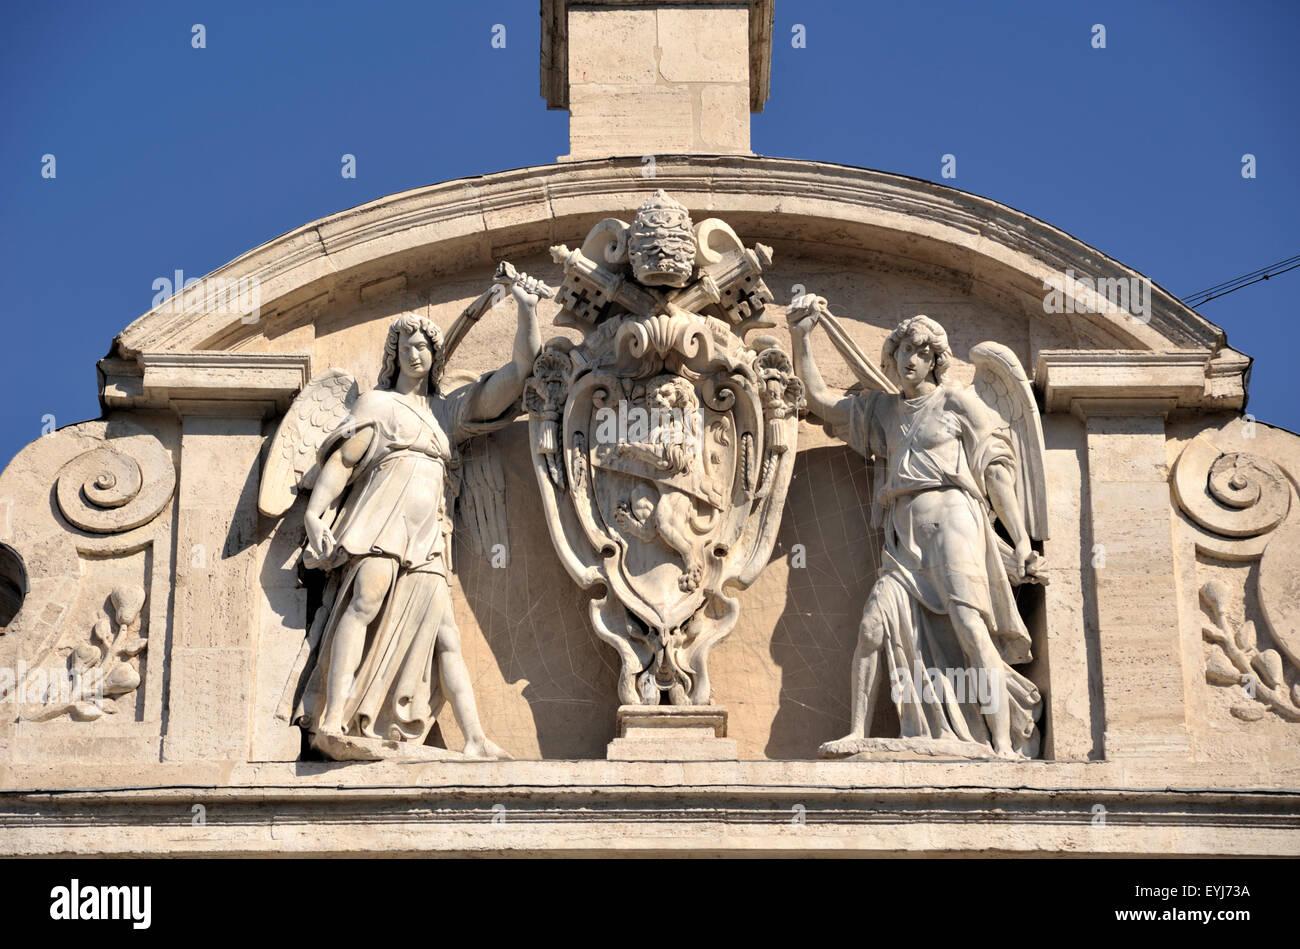 italy, rome, fontana dell'acqua felice, moses fountain (16th century) - Stock Image